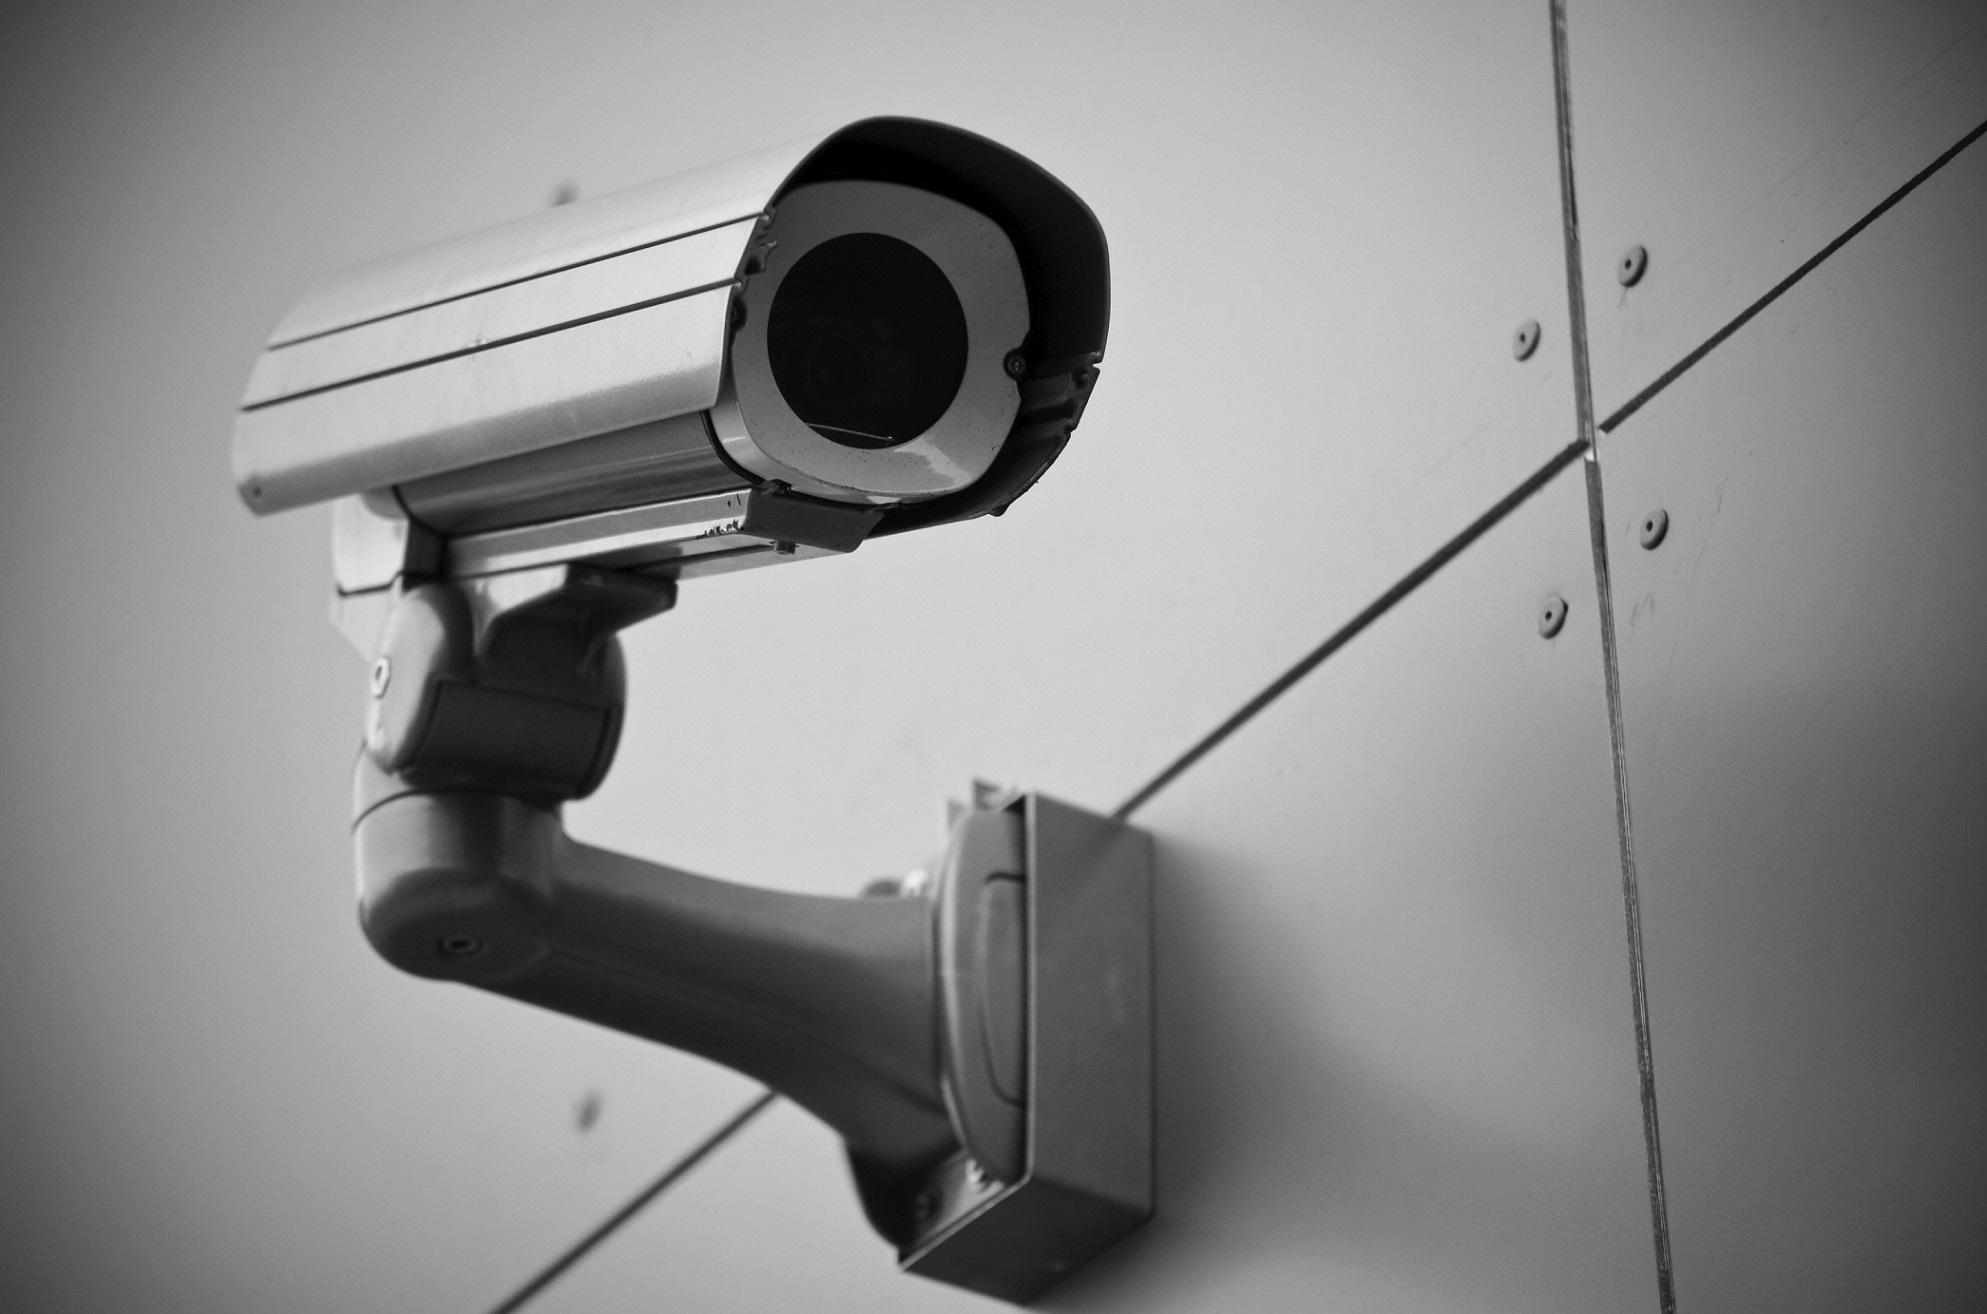 Как сделать видеонаблюдение своими руками для дома